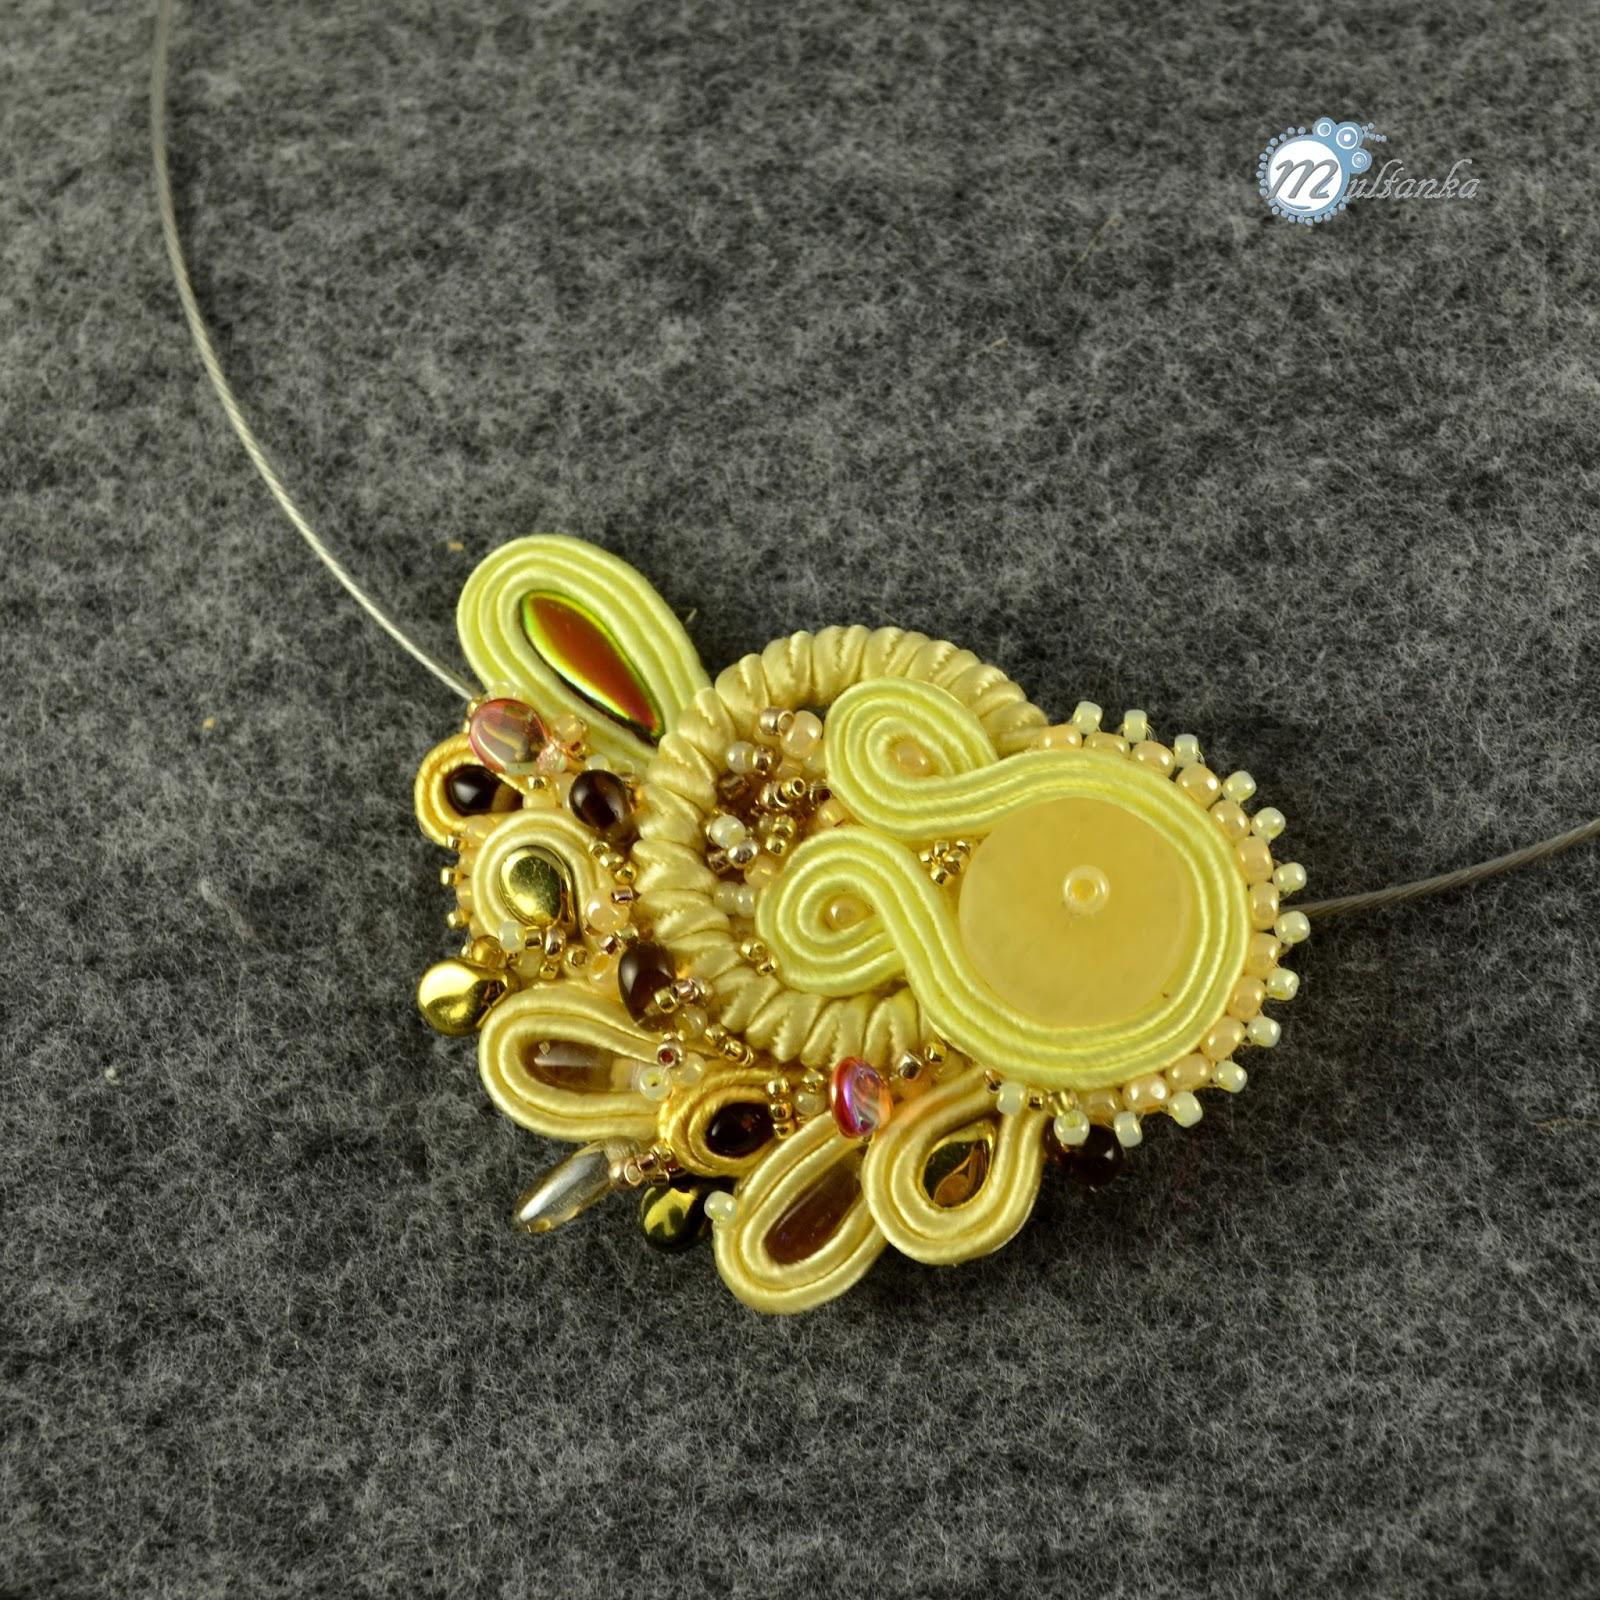 żółty niewielki naszyjnik sutasz. wykonanie - multanka